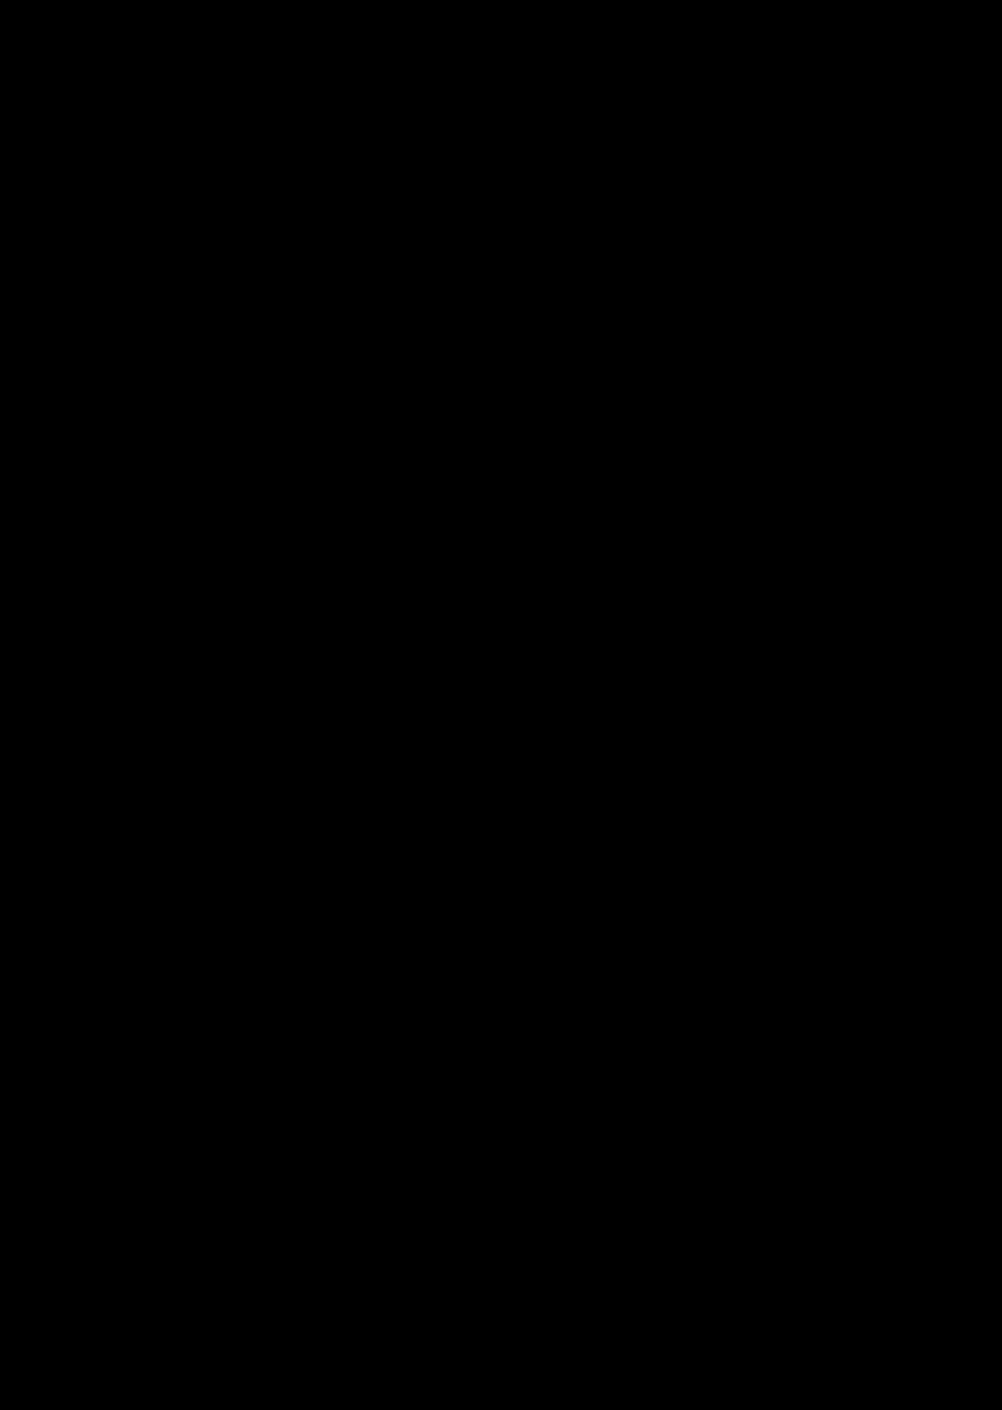 behle Haustürgriff Türgriff Griffstange Stoßgriff ES 30.12.0 s aus Edelstahl mit Winkelstützen nach Maß für Haustüren